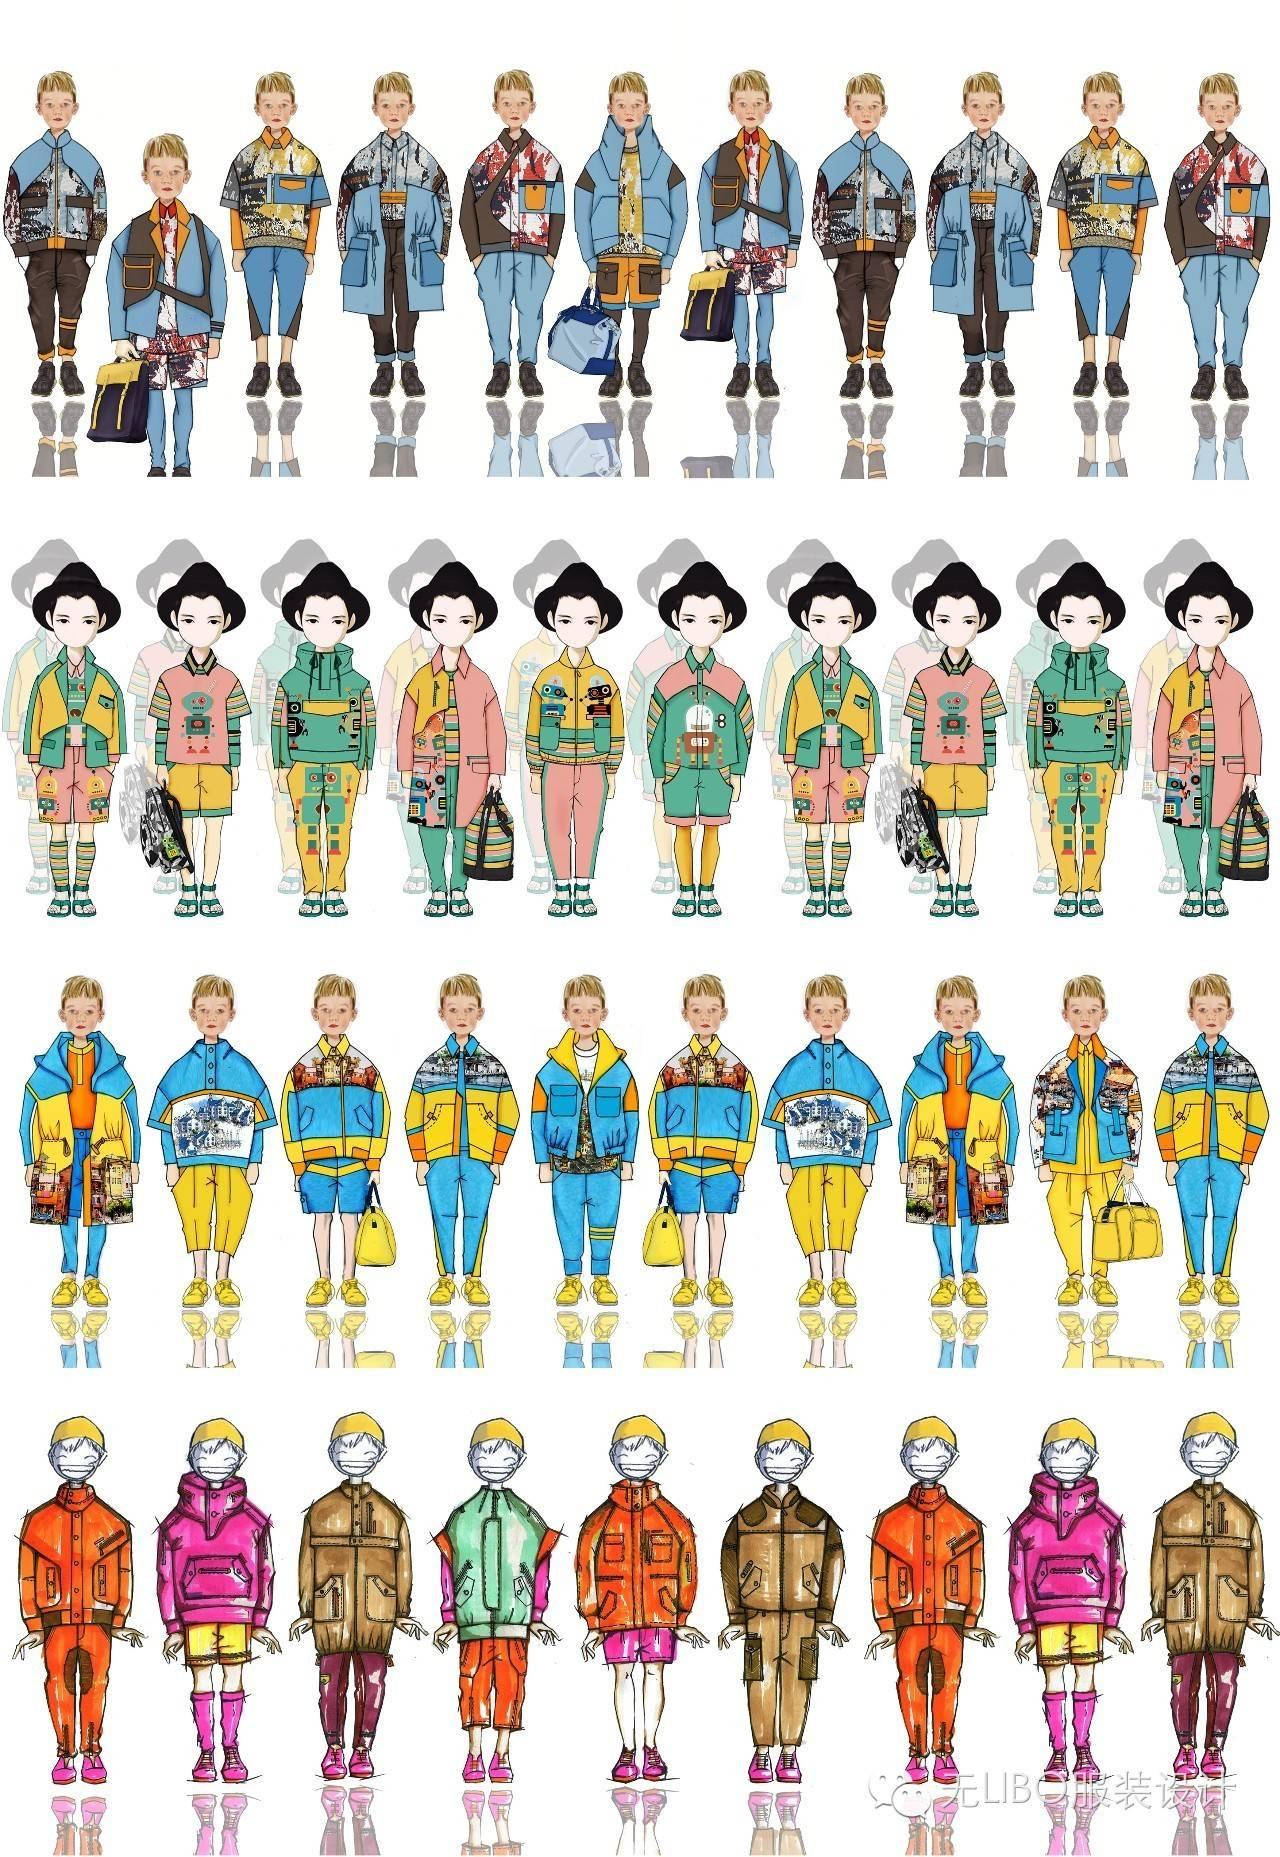 儿童服装简称童装,指适合儿童穿着的服装.